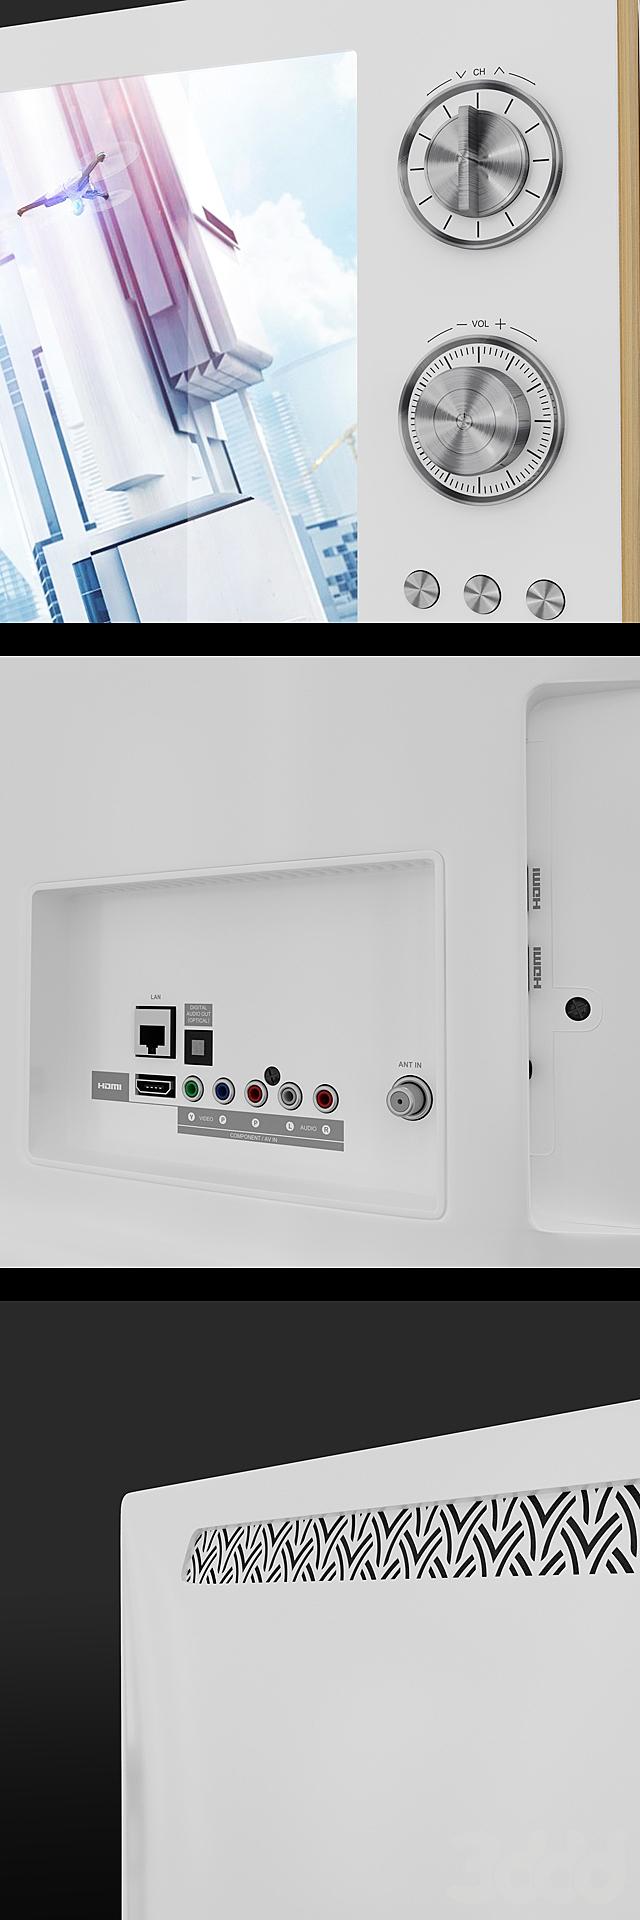 LG Classic TV 2013 Retro design